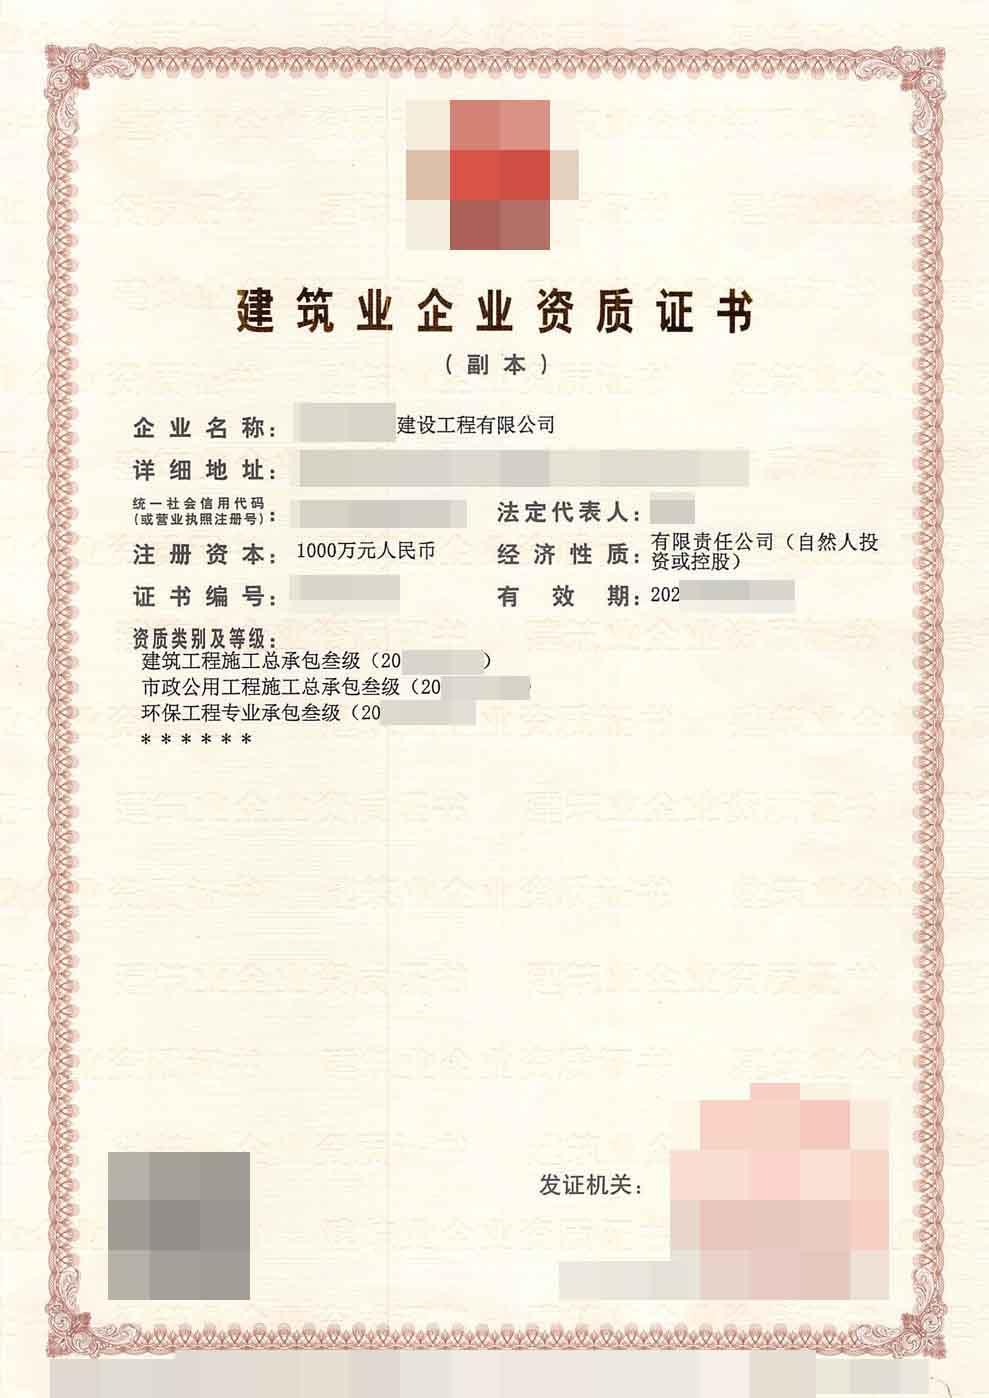 水利监理招标文件_水利监理见证取样制度_水利工程监理员职责